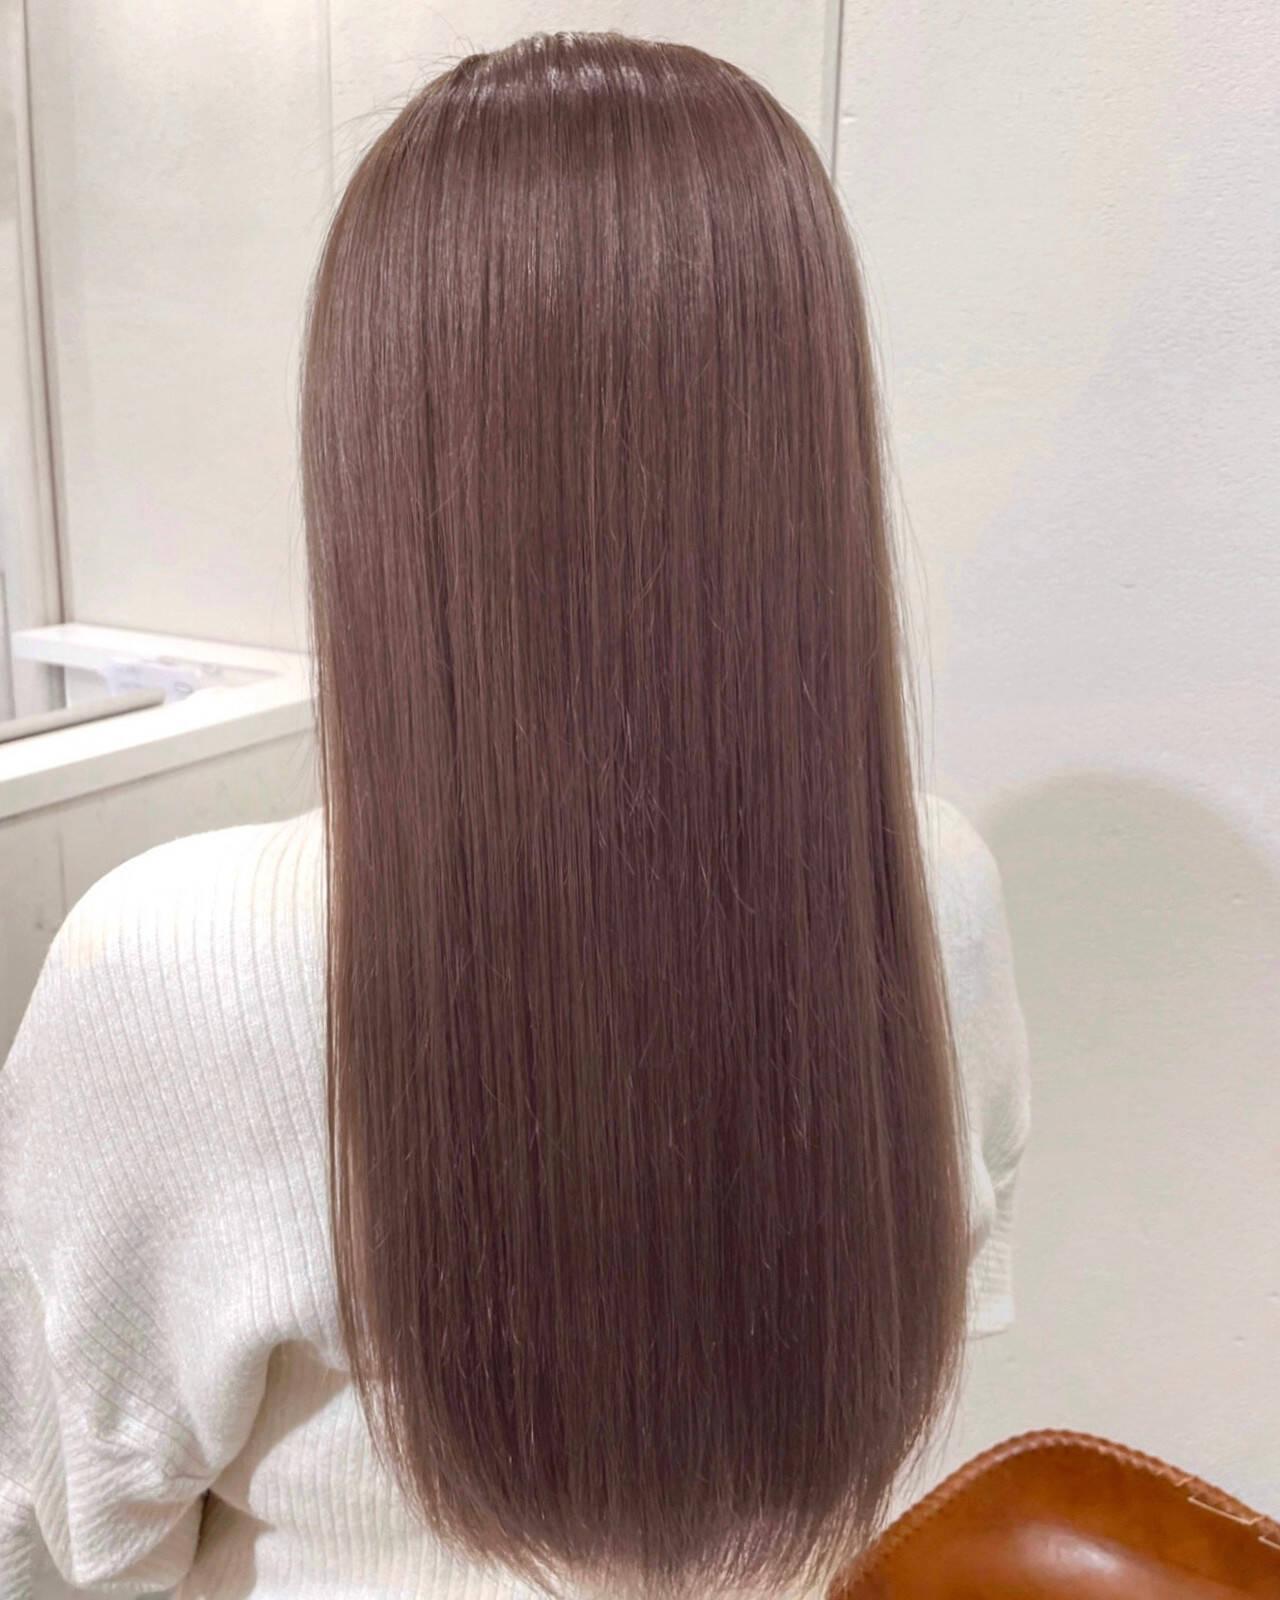 ピンクラベンダー ピンクブラウン ピンクアッシュ ナチュラルヘアスタイルや髪型の写真・画像